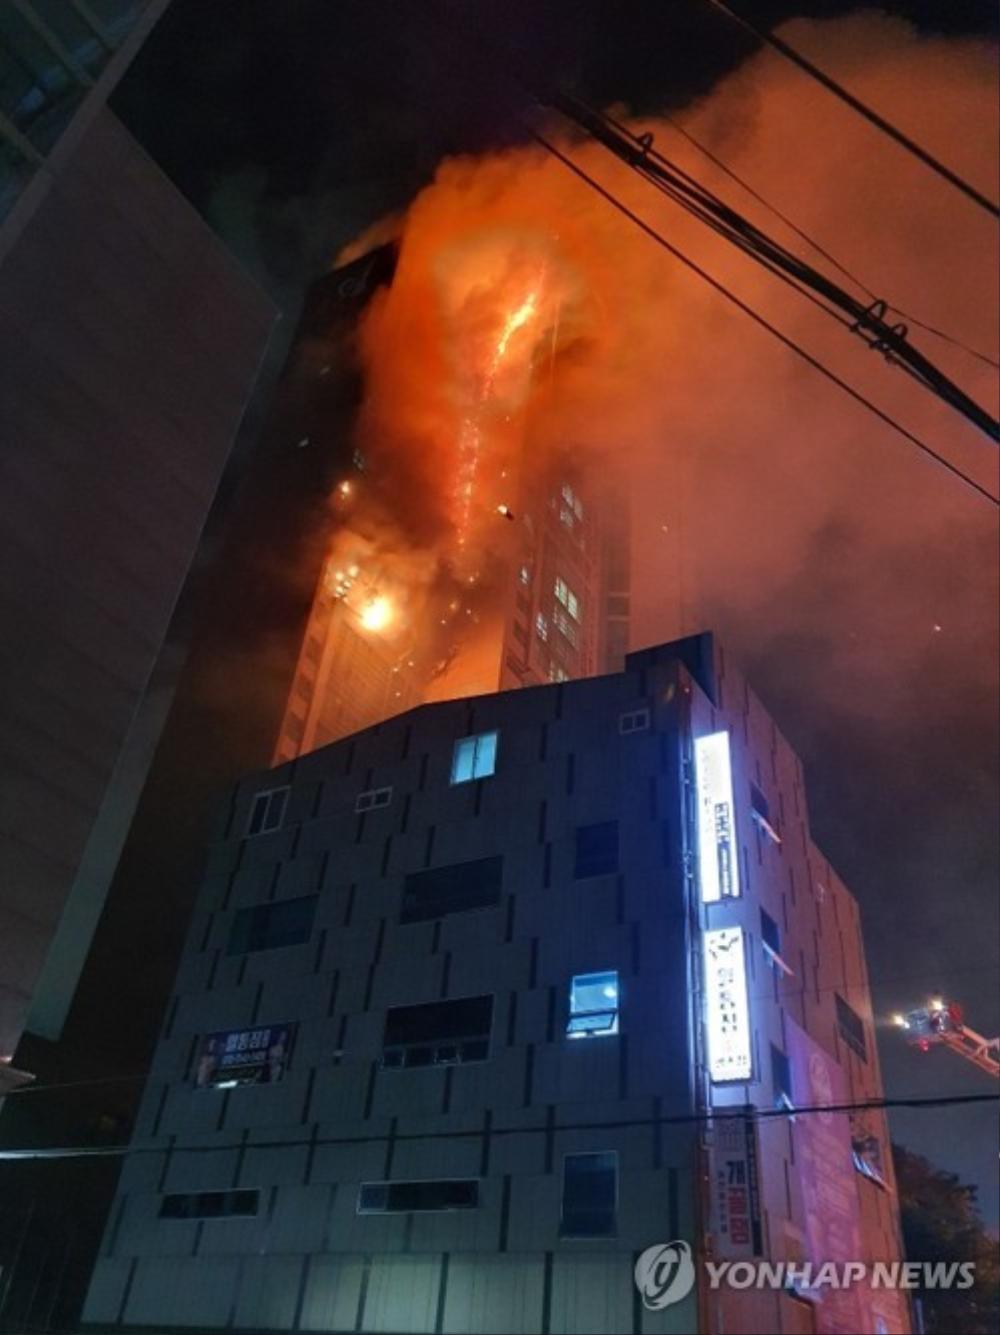 Tòa chung cư thương mại Hàn Quốc cháy lớn trong đêm Ảnh 1